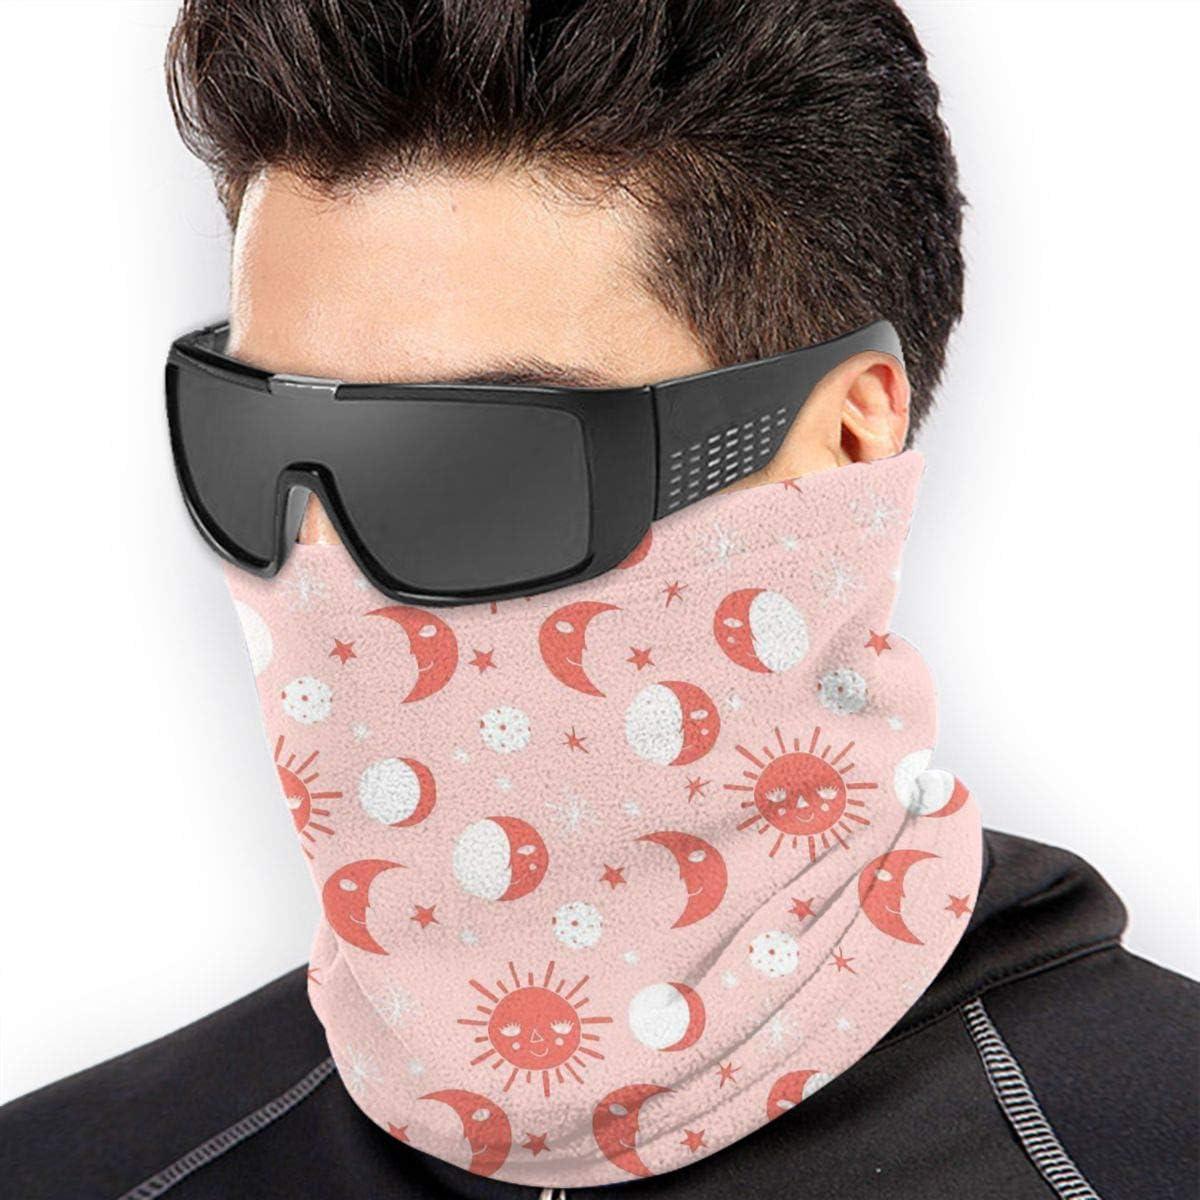 Sun Moon Stars Neck Warmer Gaiter For Men Women Headband Face Mask Bandana Head Wrap Scarf Headwear Winter Balaclava For Ski Running Motorcycle